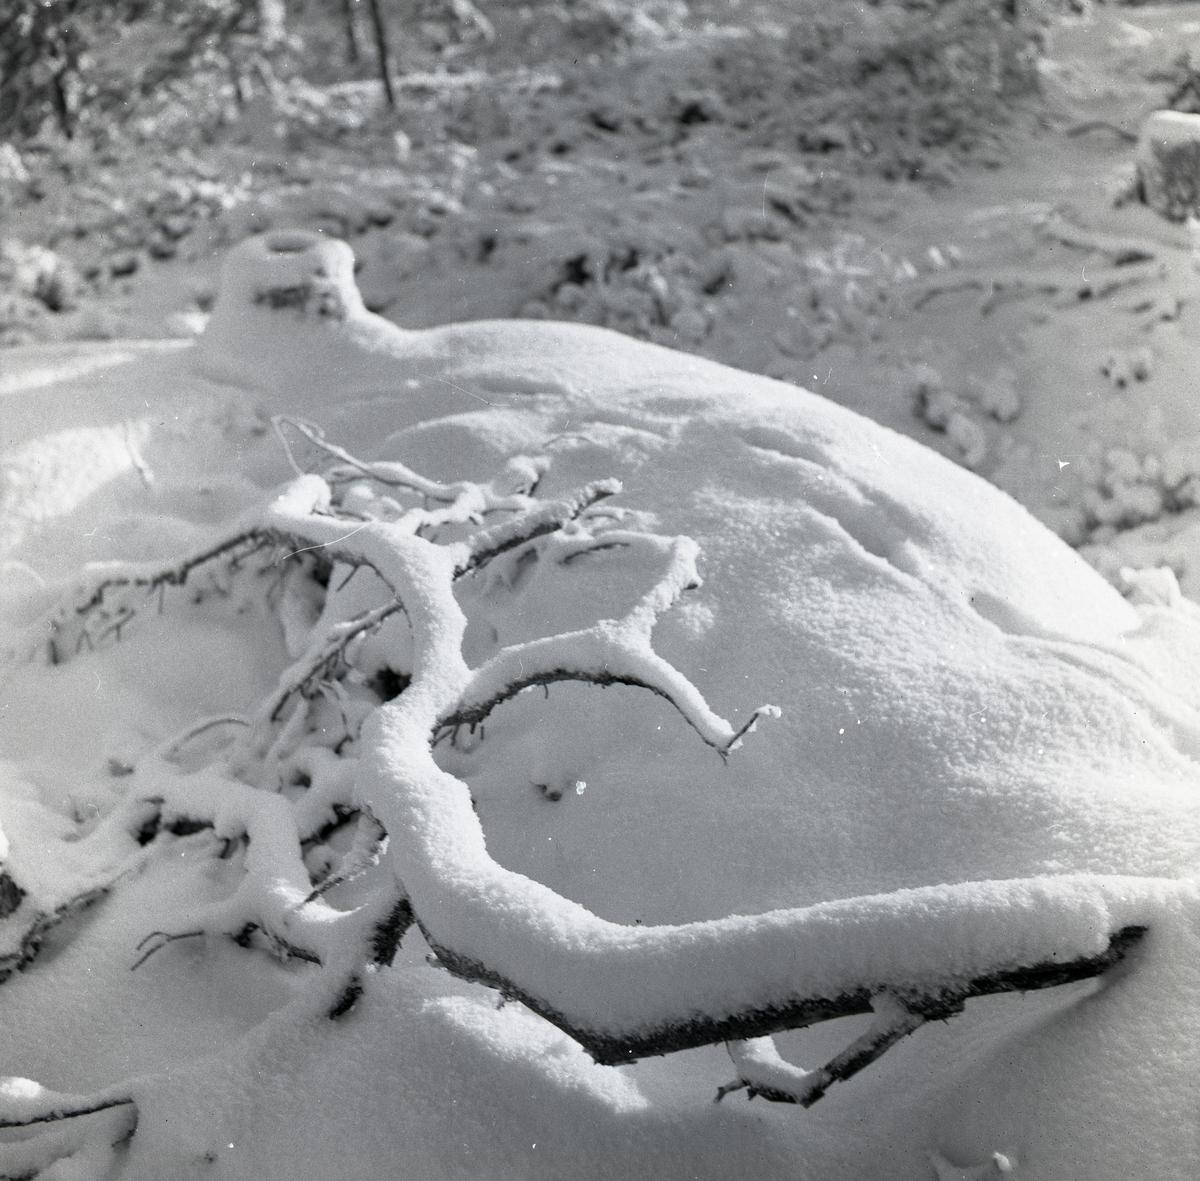 Översnöade grankvistar på marken, julen 1954.